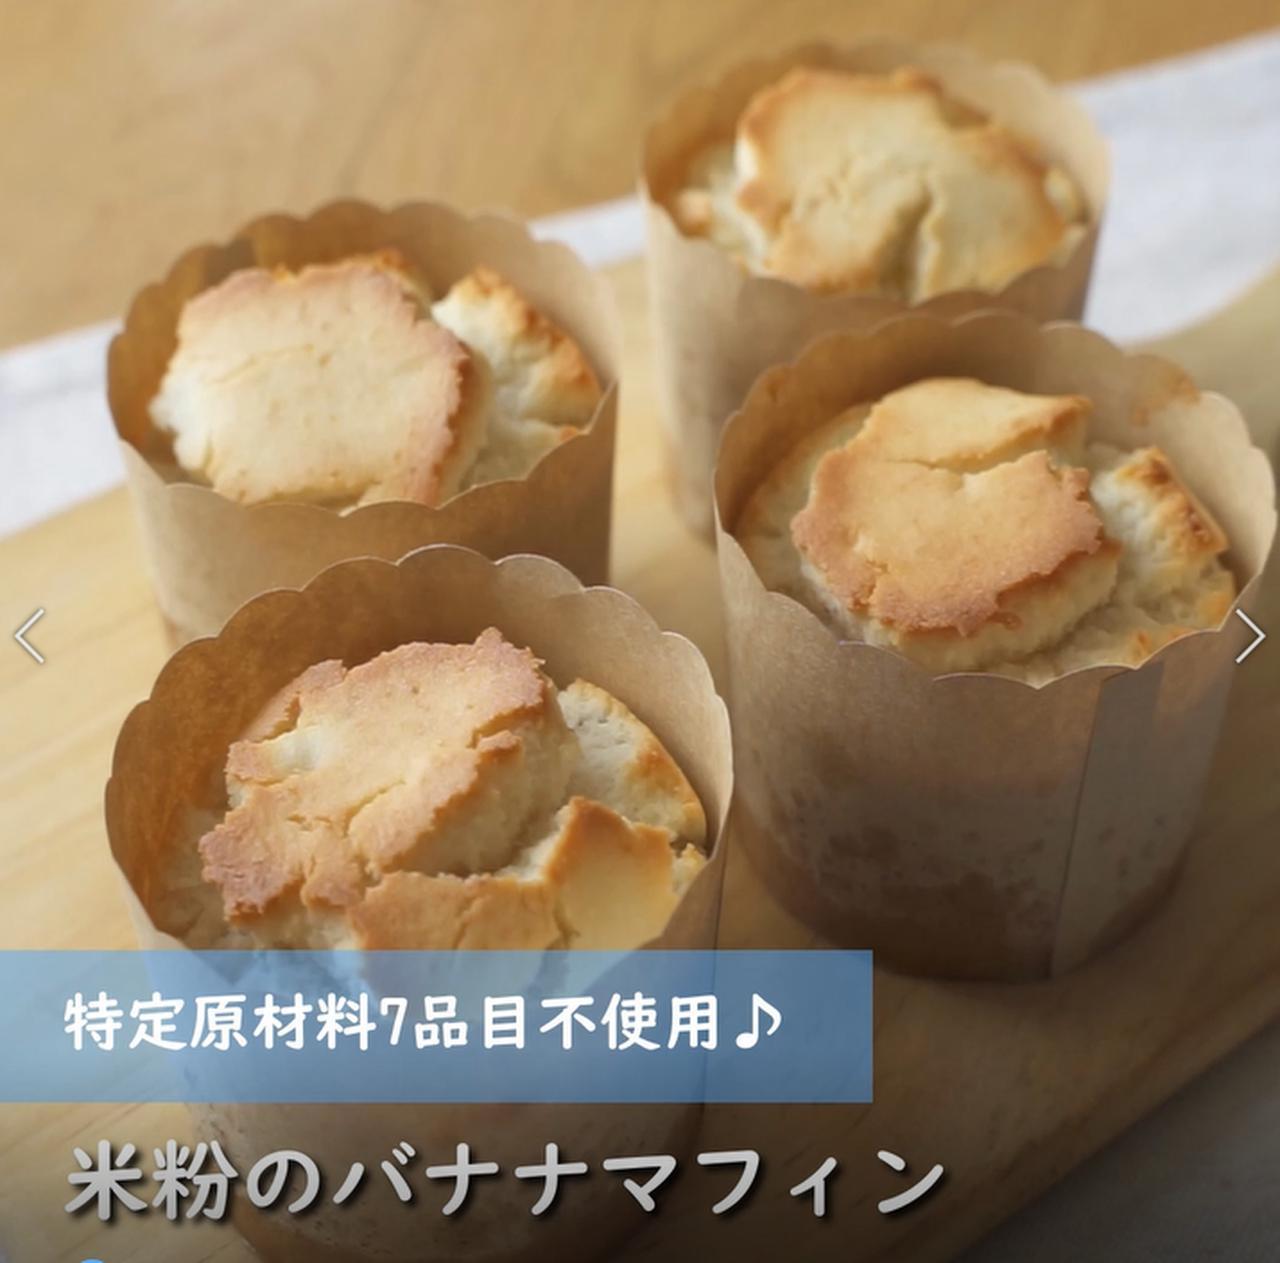 画像: 米粉のバナナマフィン - 君とごはん